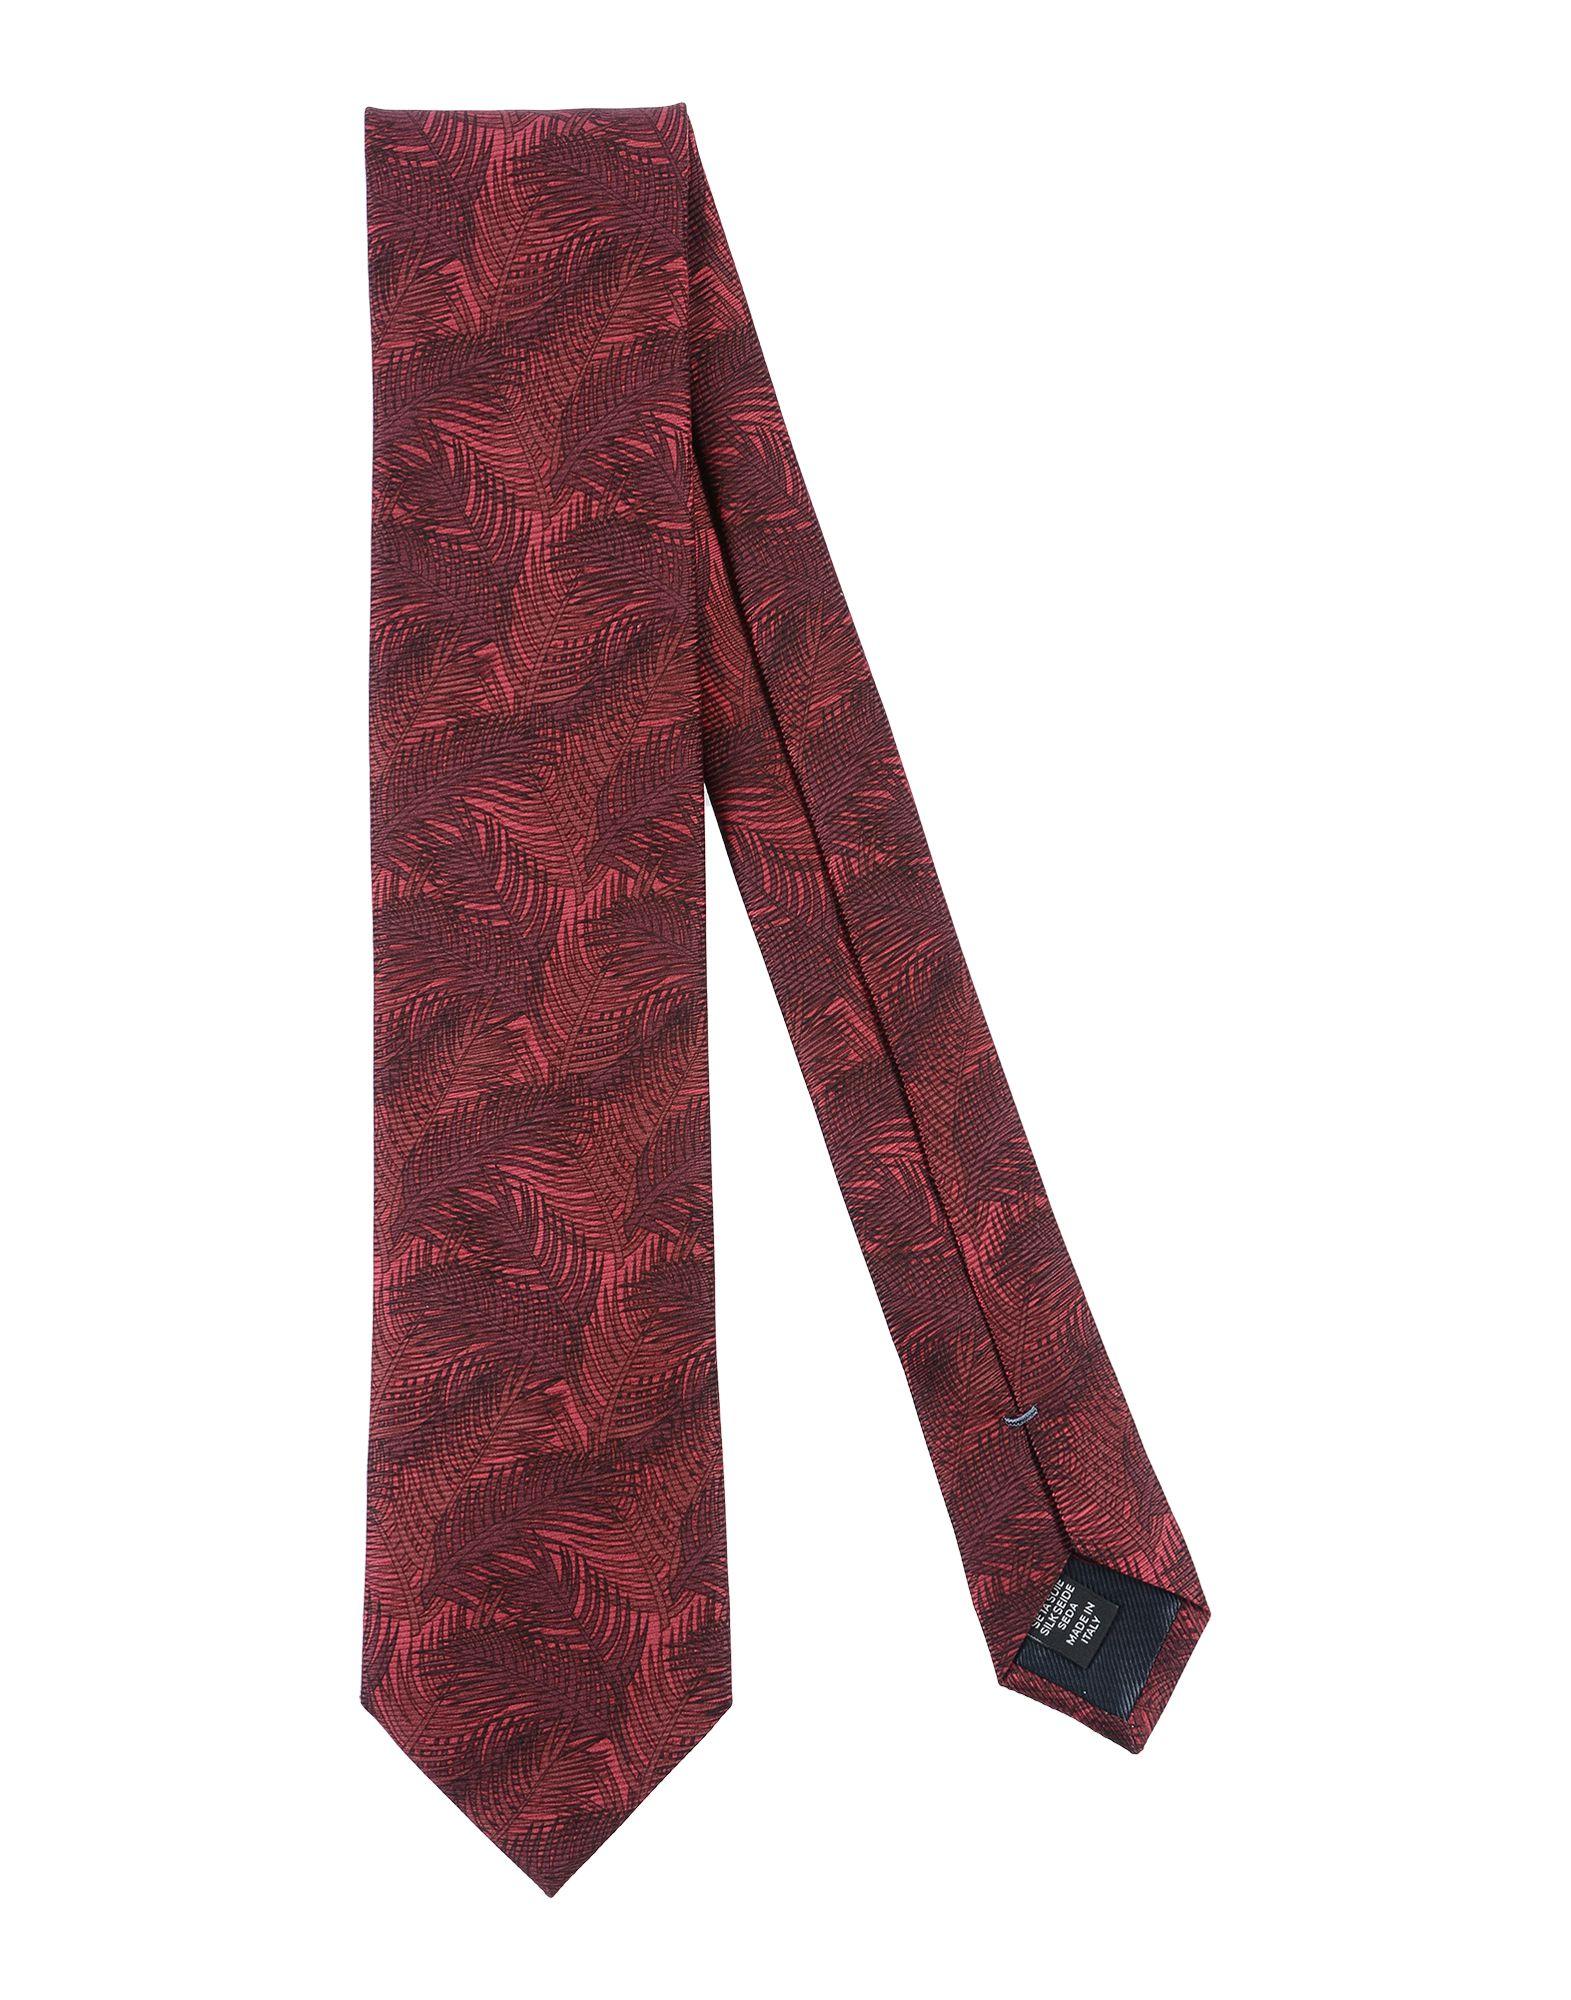 dcc62e08 ERMENEGILDO ZEGNA Tie - Accessories | YOOX.COM